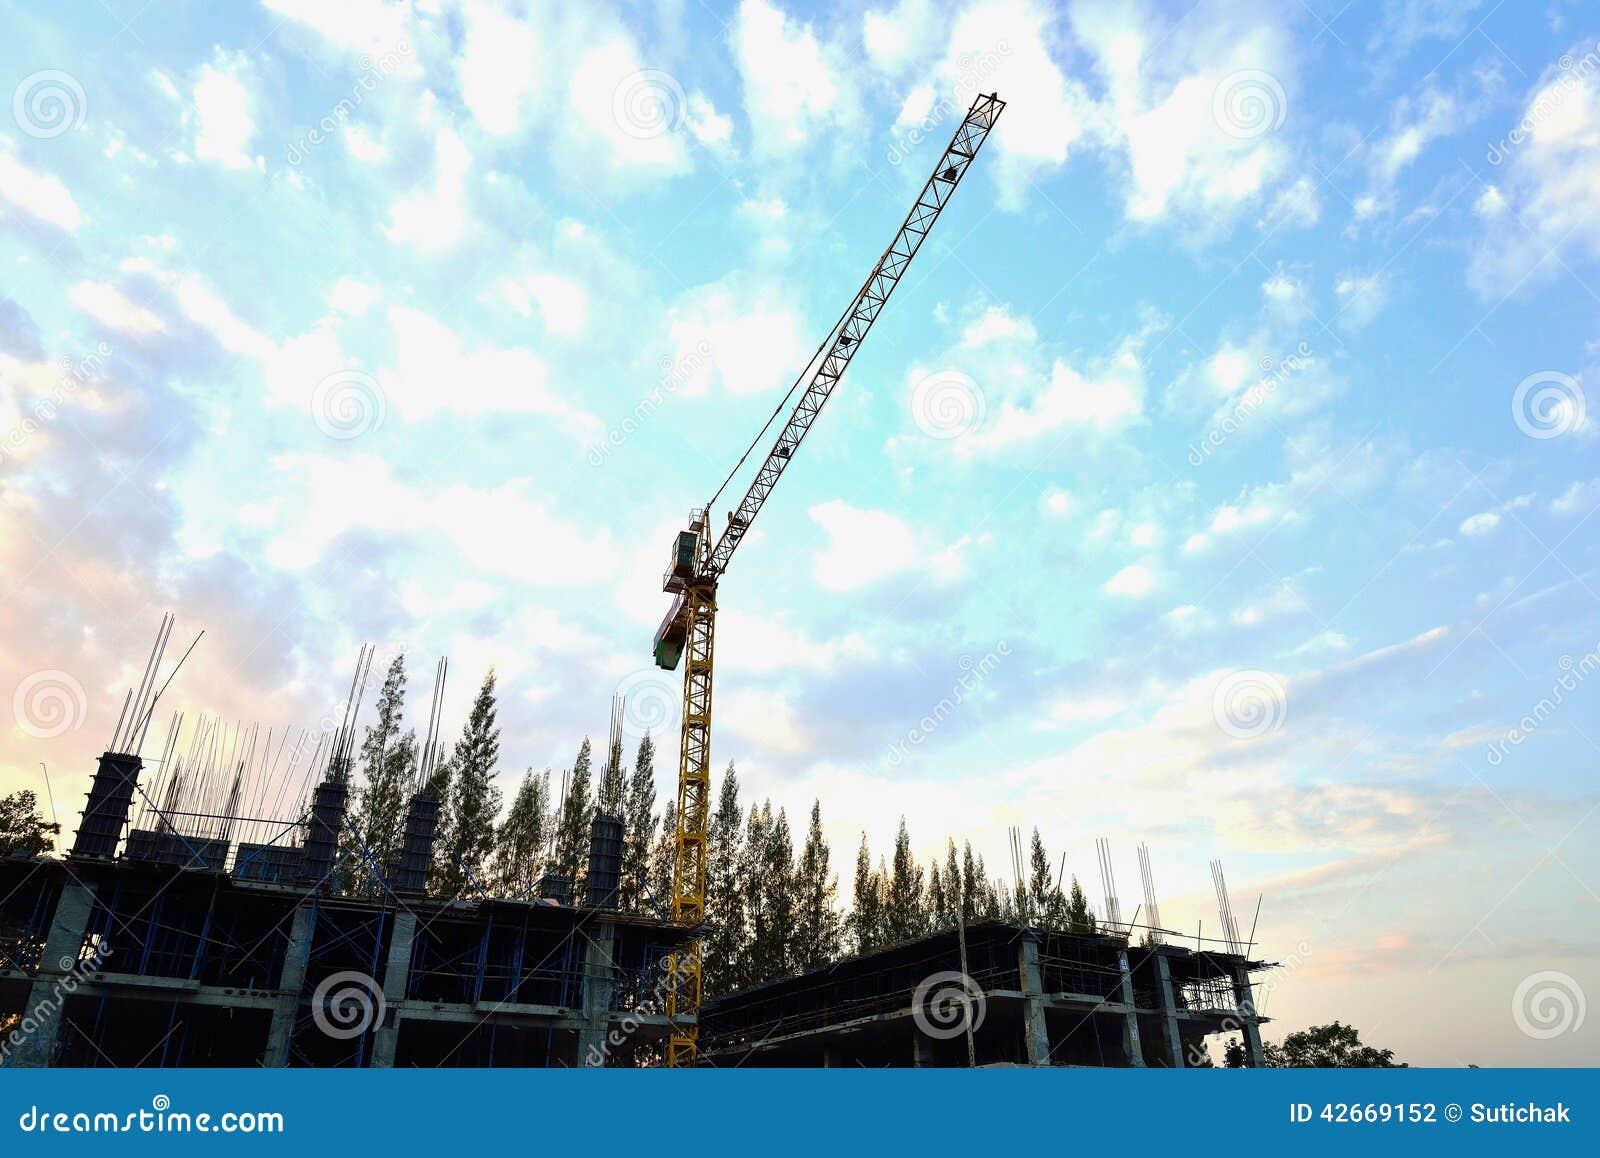 Μεγάλος γερανός στο εργοτάξιο οικοδομής